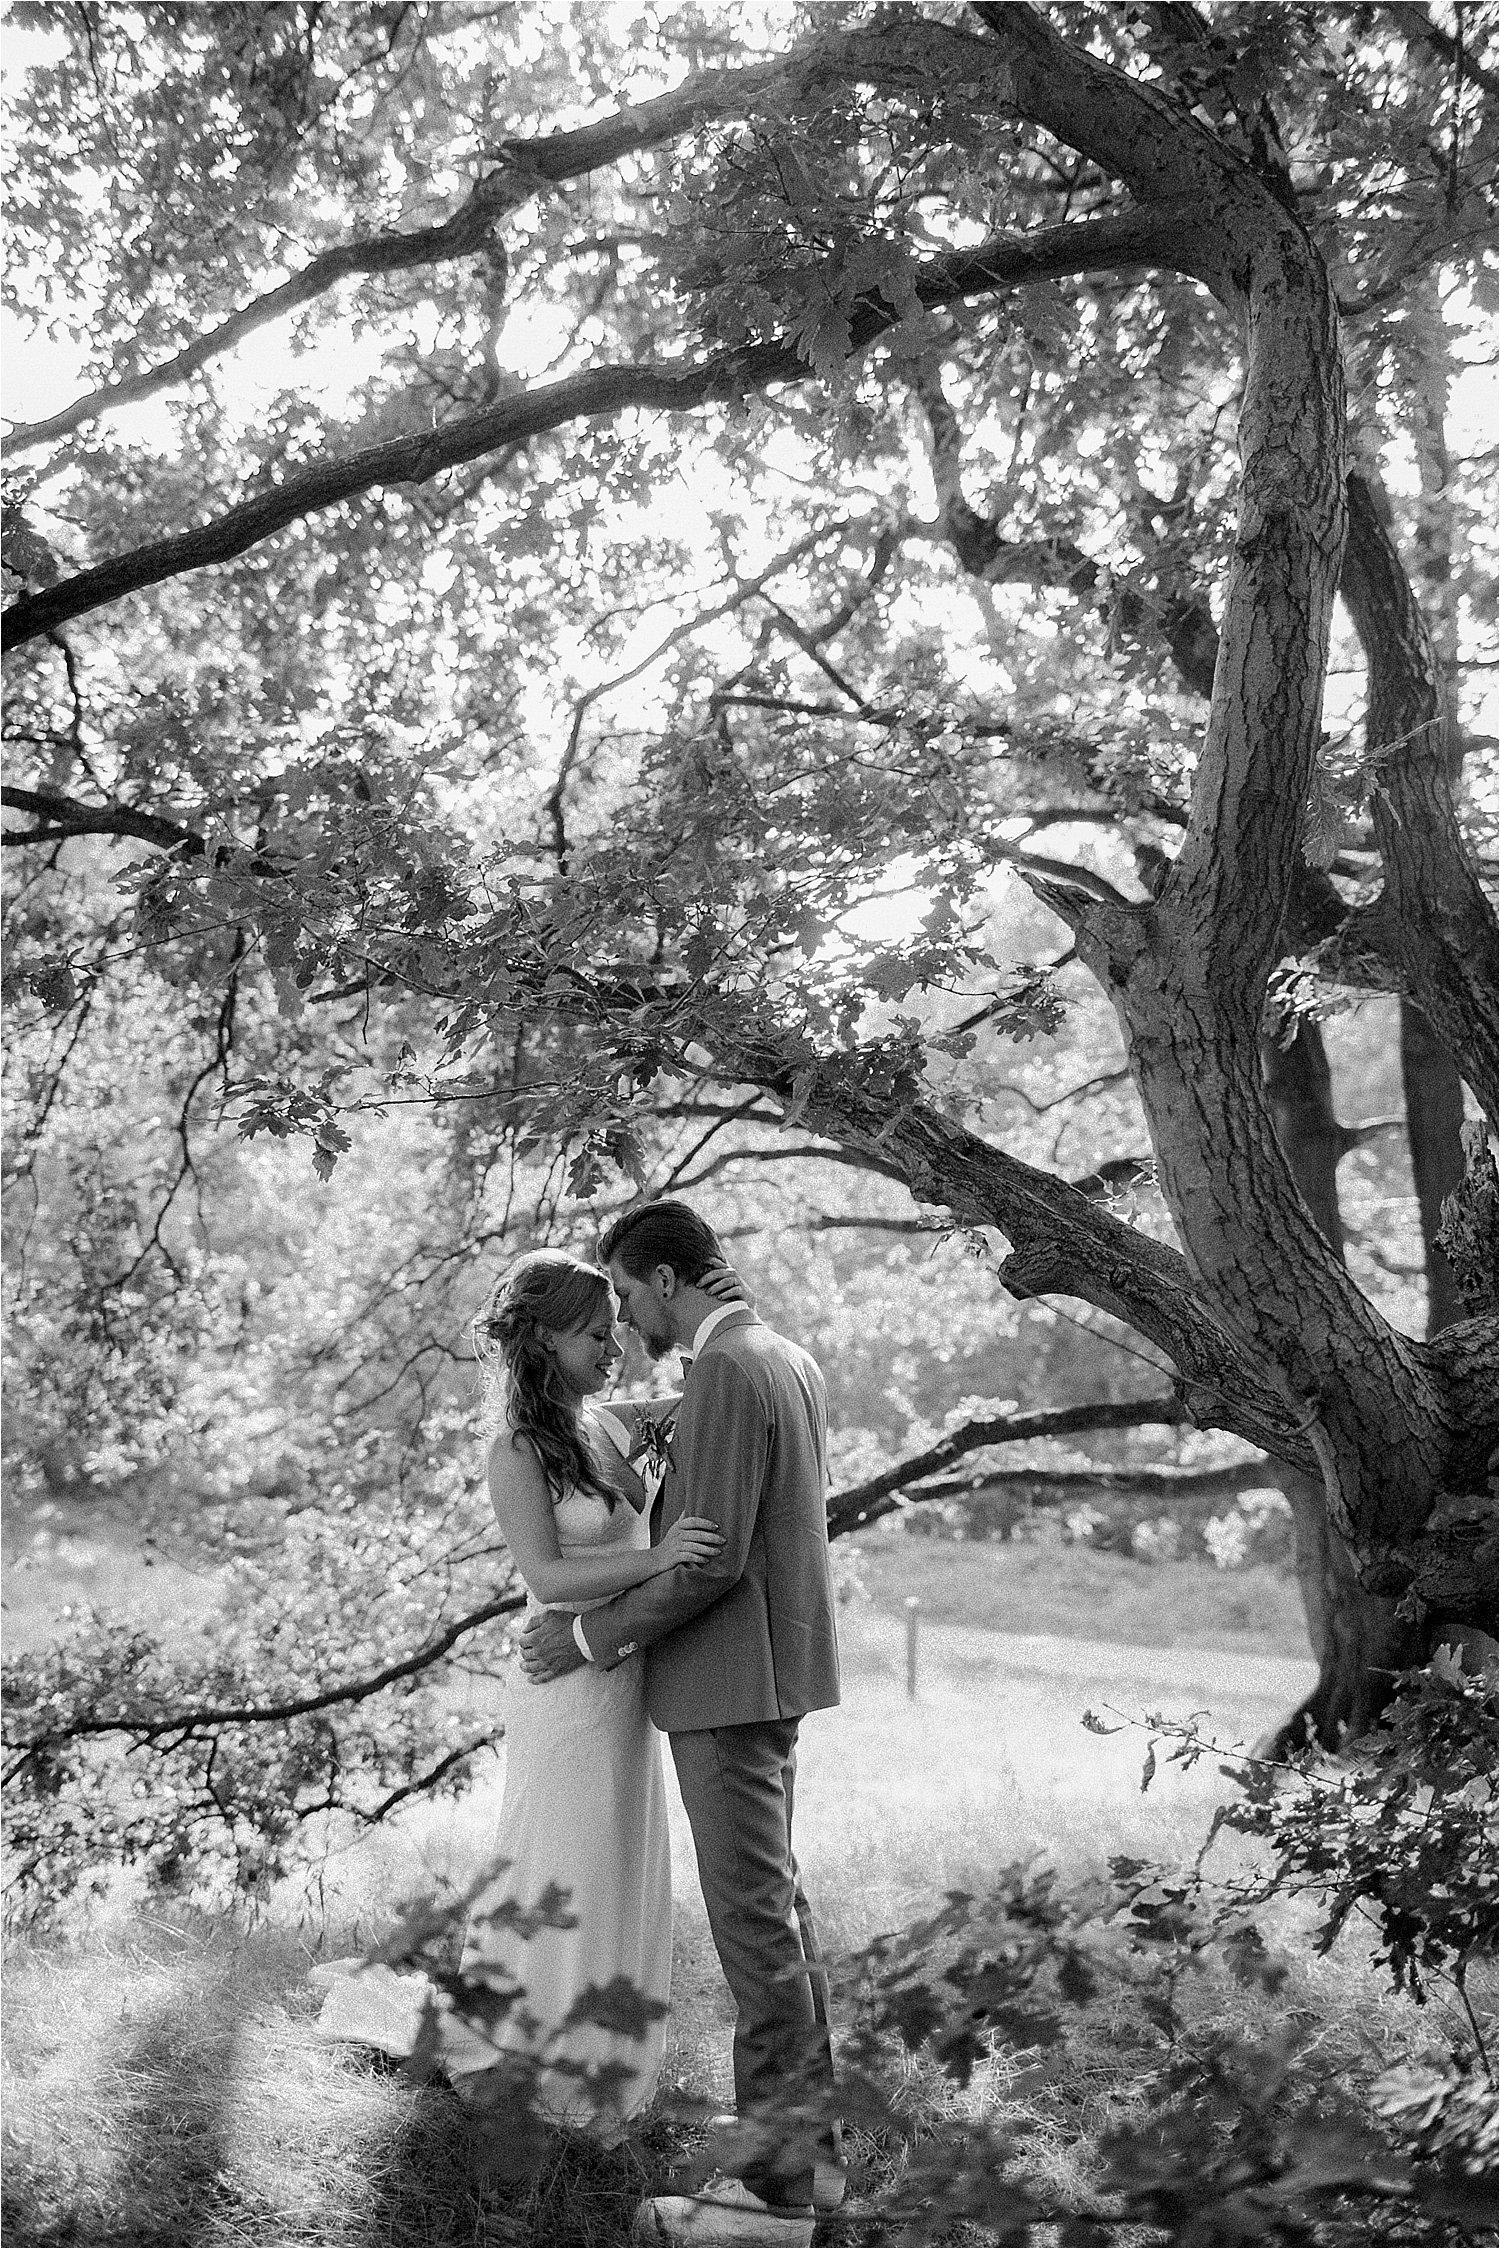 huwelijksfotograaf wetteren